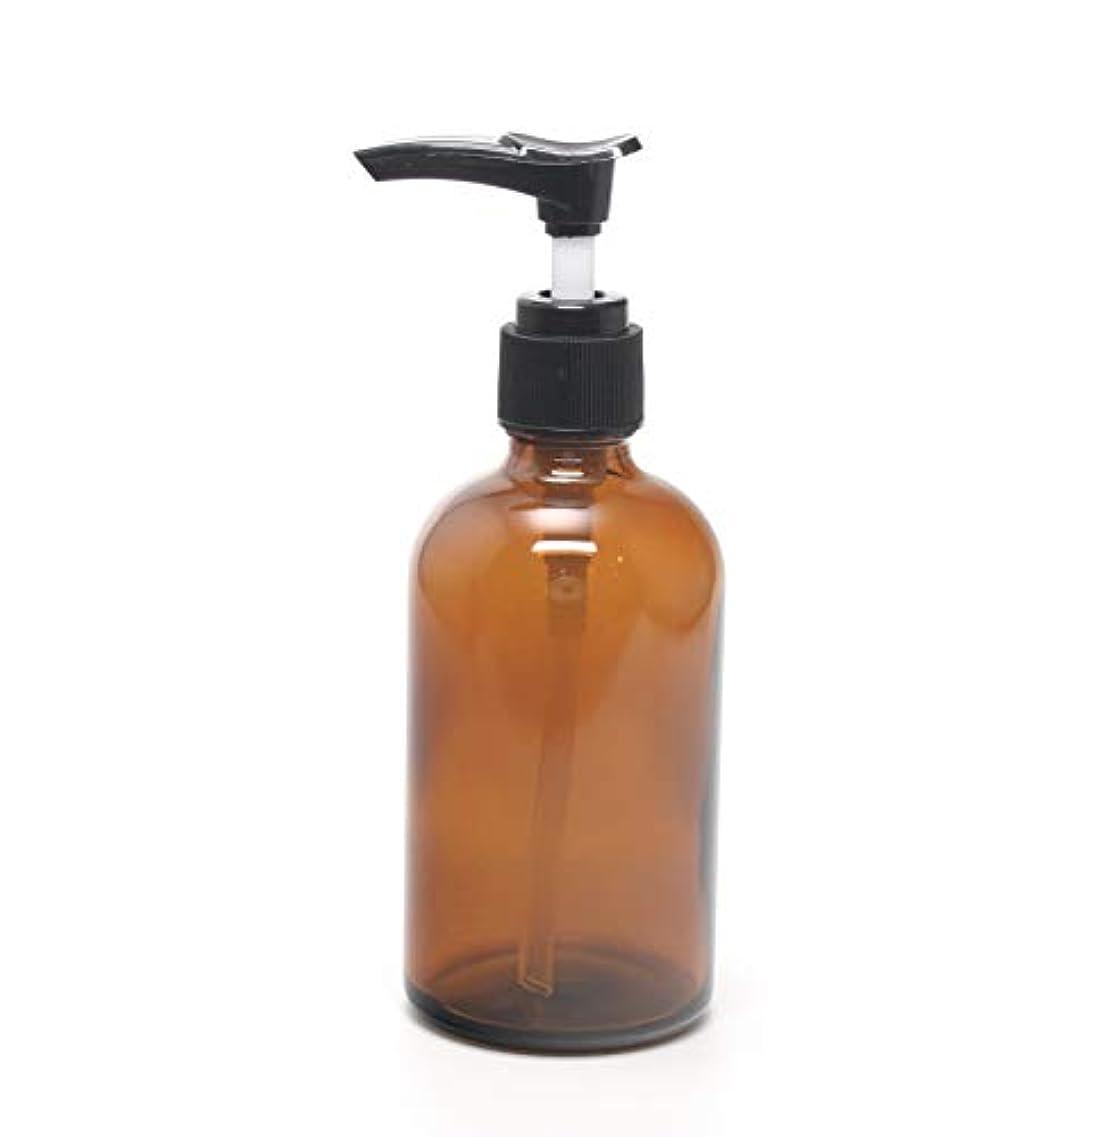 指定横たわるエキゾチック遮光瓶 ポンプボトル (硝子) 100ml / アンバー ? ブラックポンプヘッド (1本)